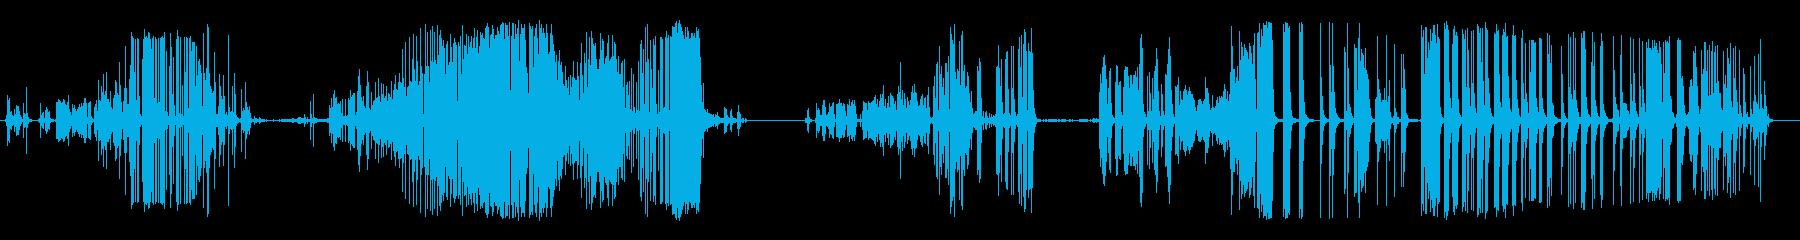 ロング、ラスパイツイストバルーンクリークの再生済みの波形